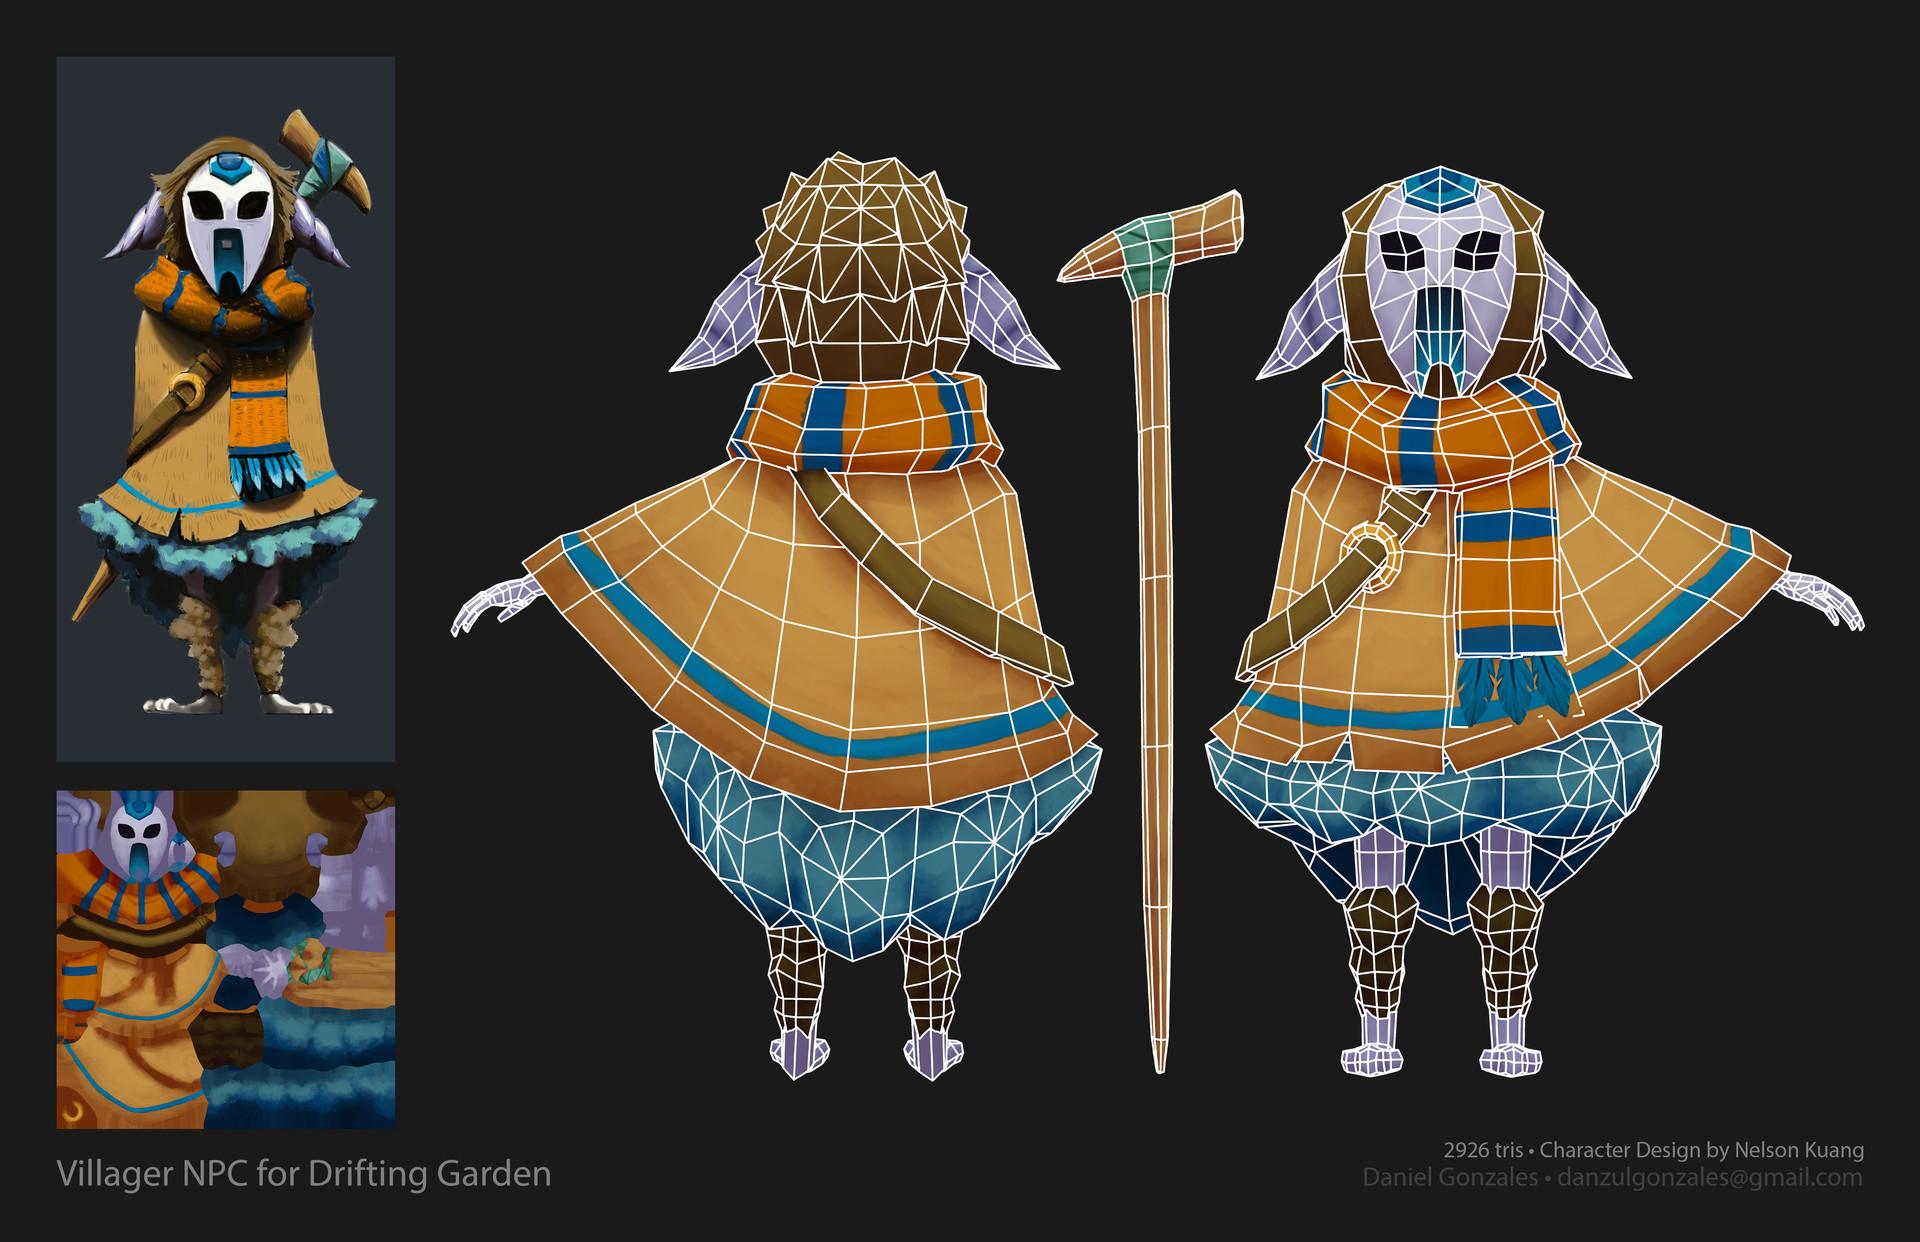 Daniel gonzales gonzalesdaniel bfa modeling 02 character b